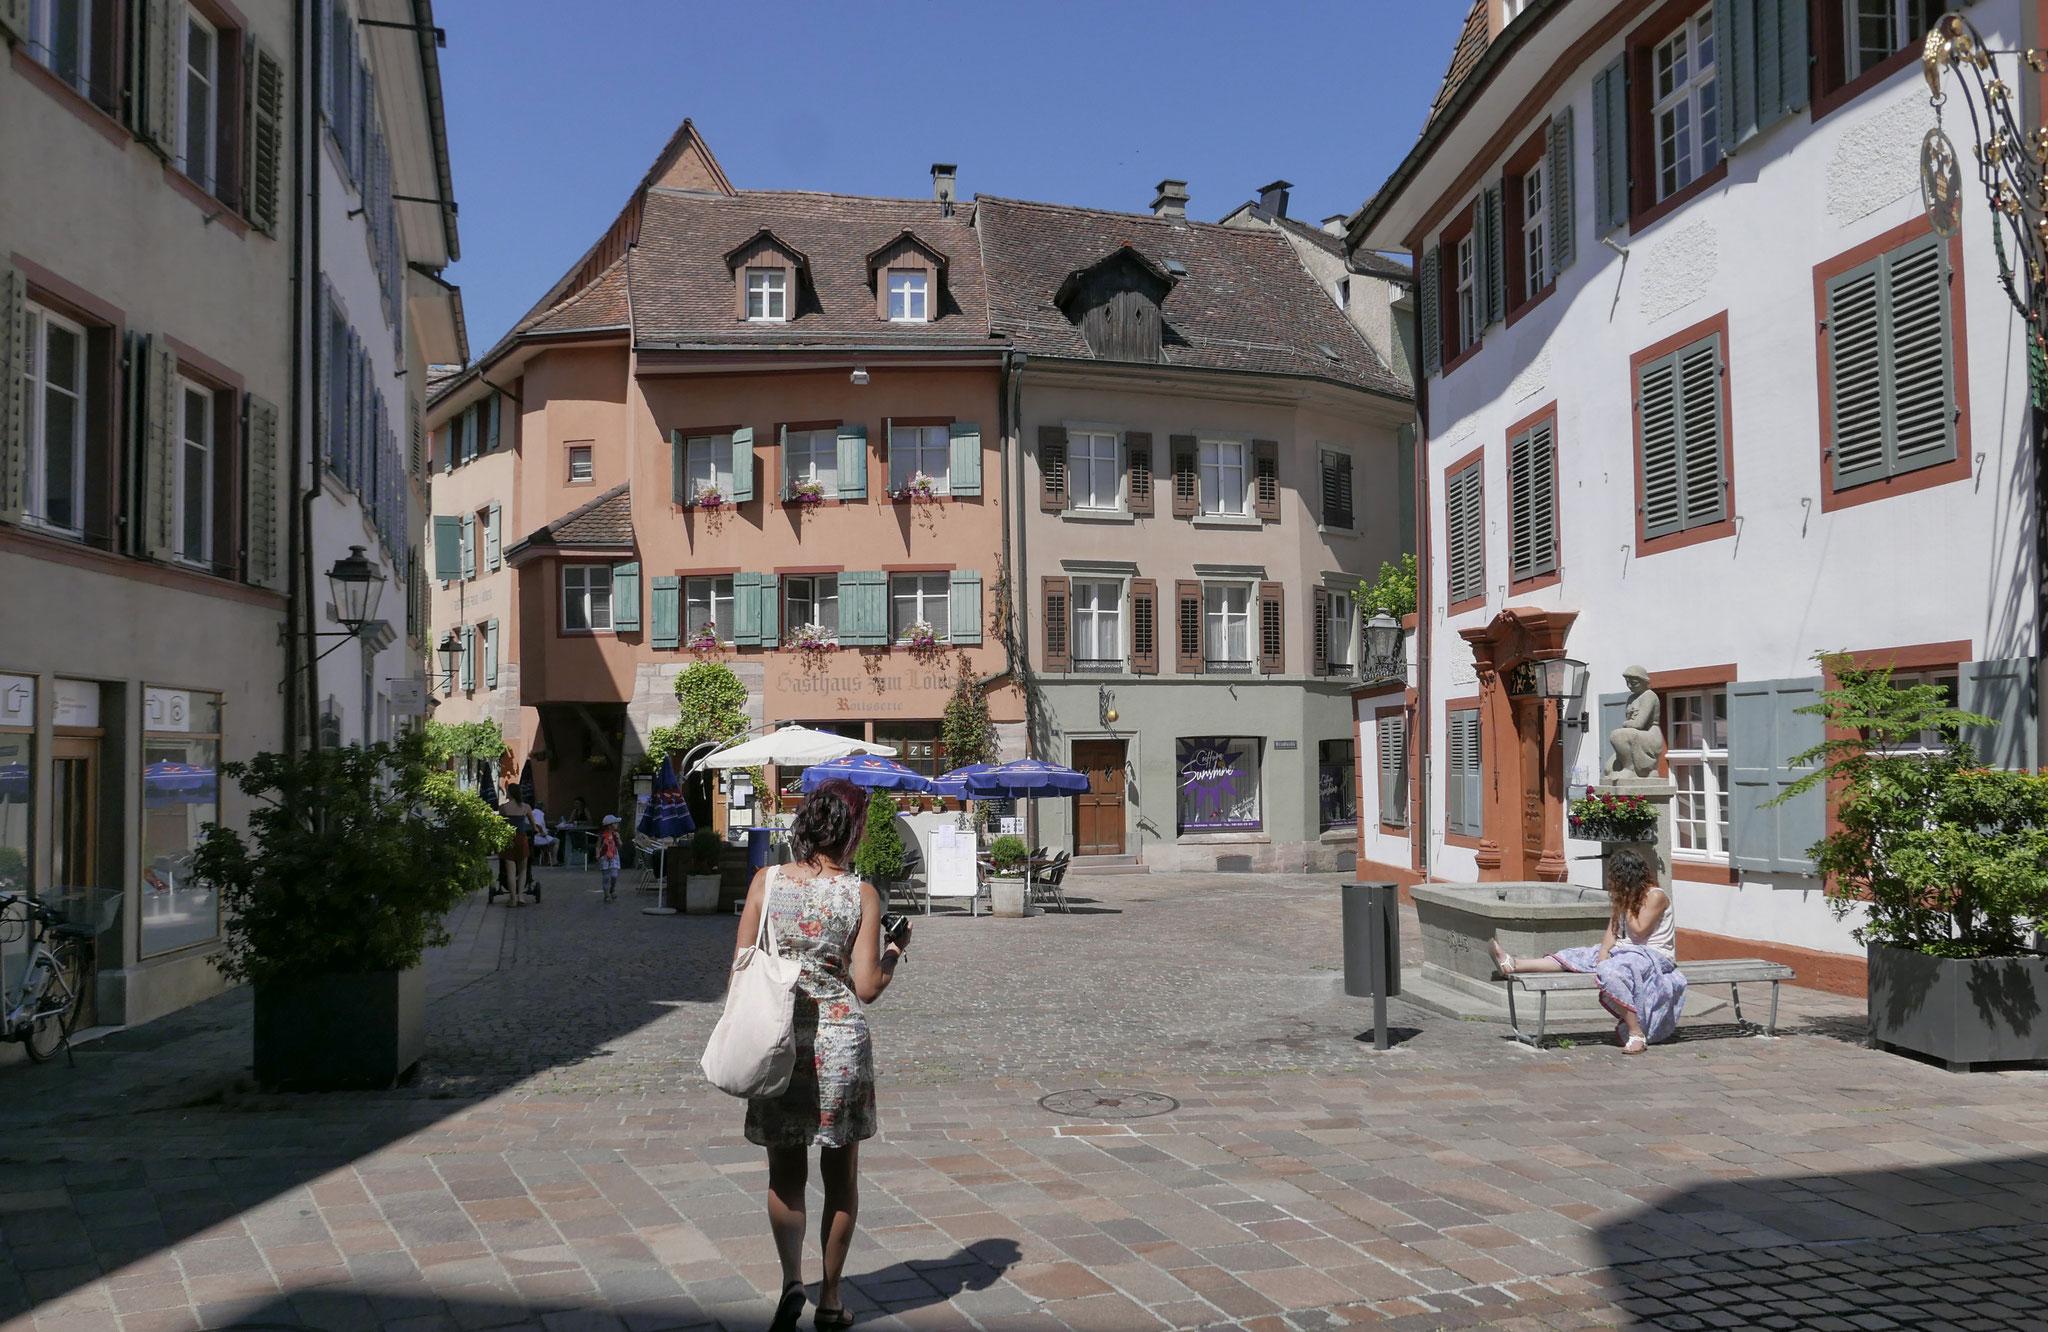 Farbrundgang_Rheinfelden1.jpg